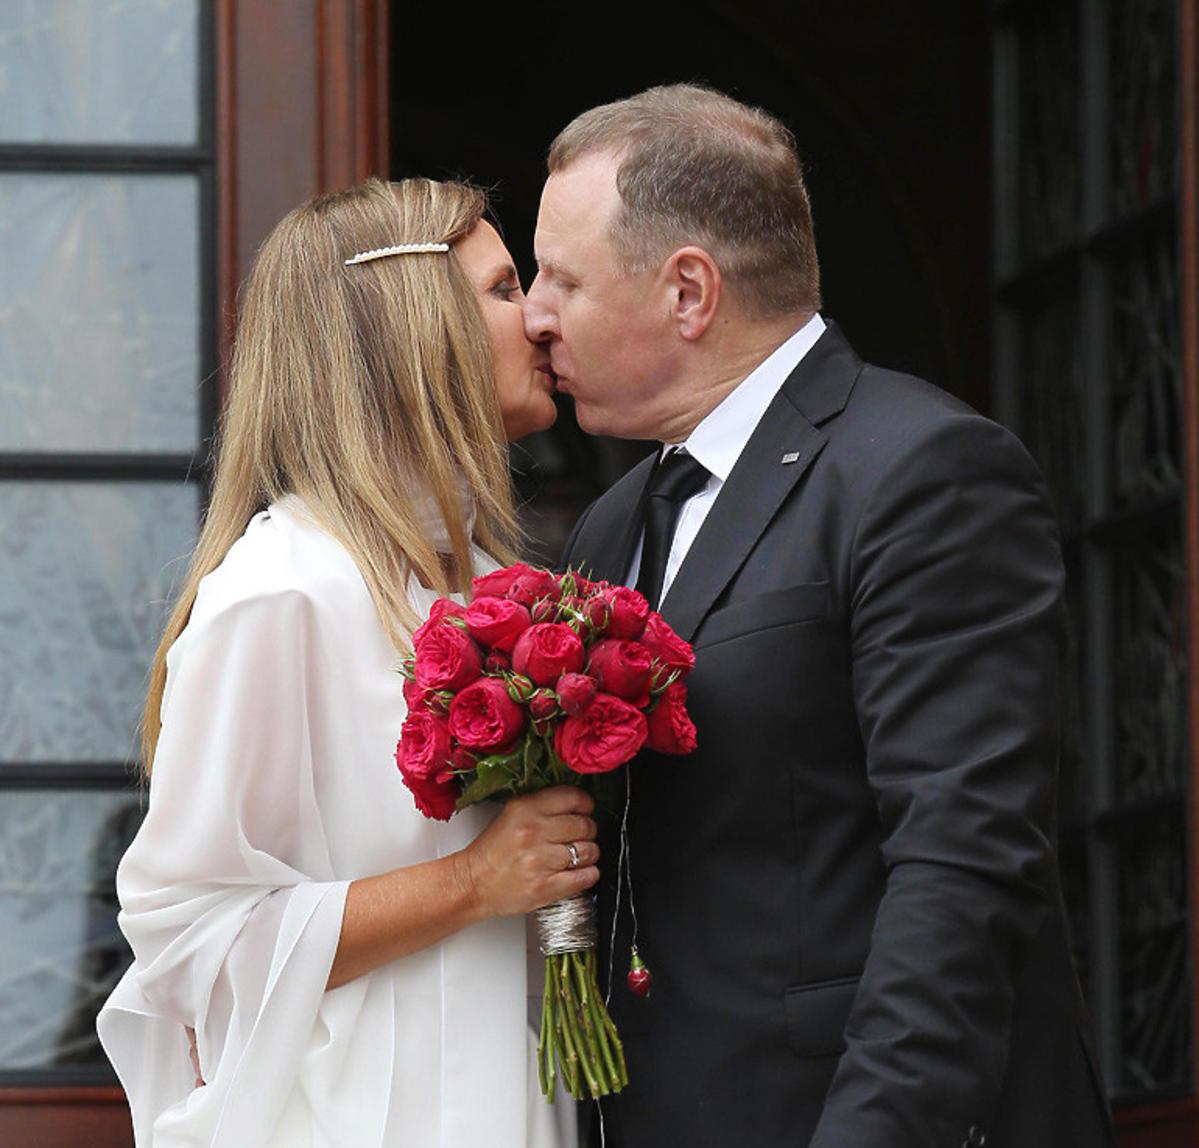 Ślub Jacka Kurskiego i Joanny Kurskiej